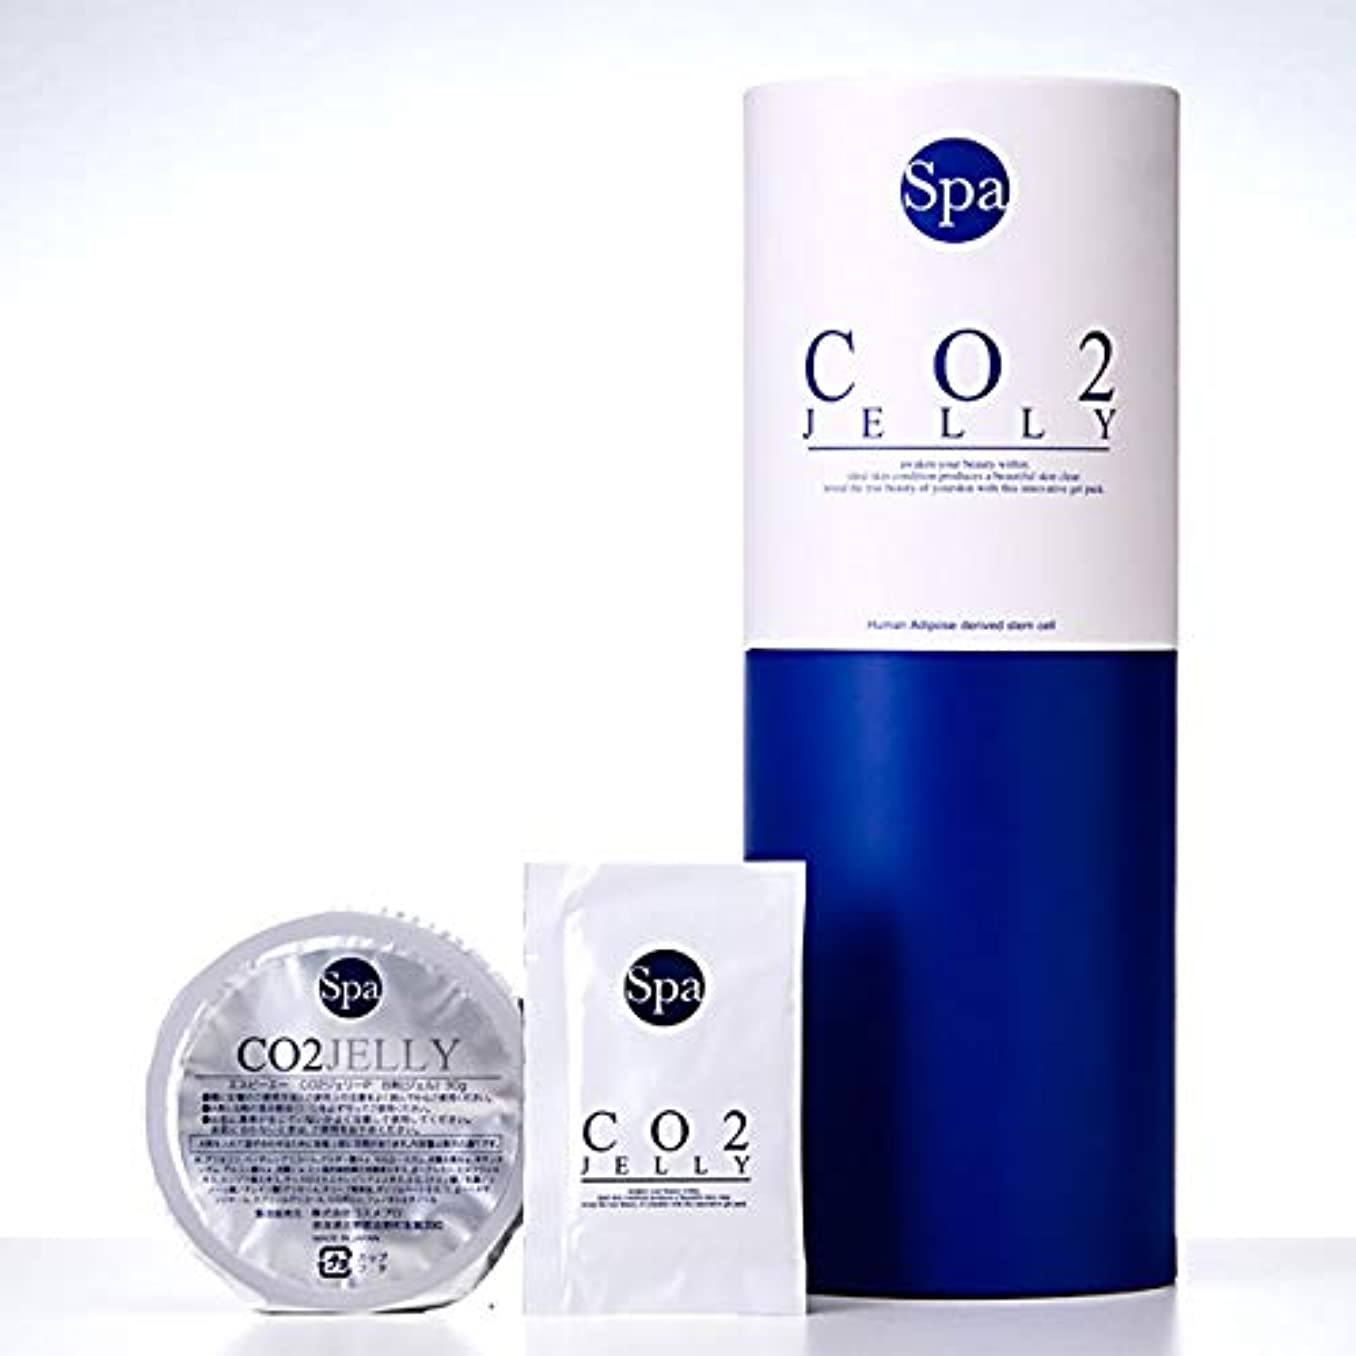 情熱的割るマオリSpa(エスピーエー)CO2 JELLY ジェリー (5回分)日本製 炭酸パック ジェル